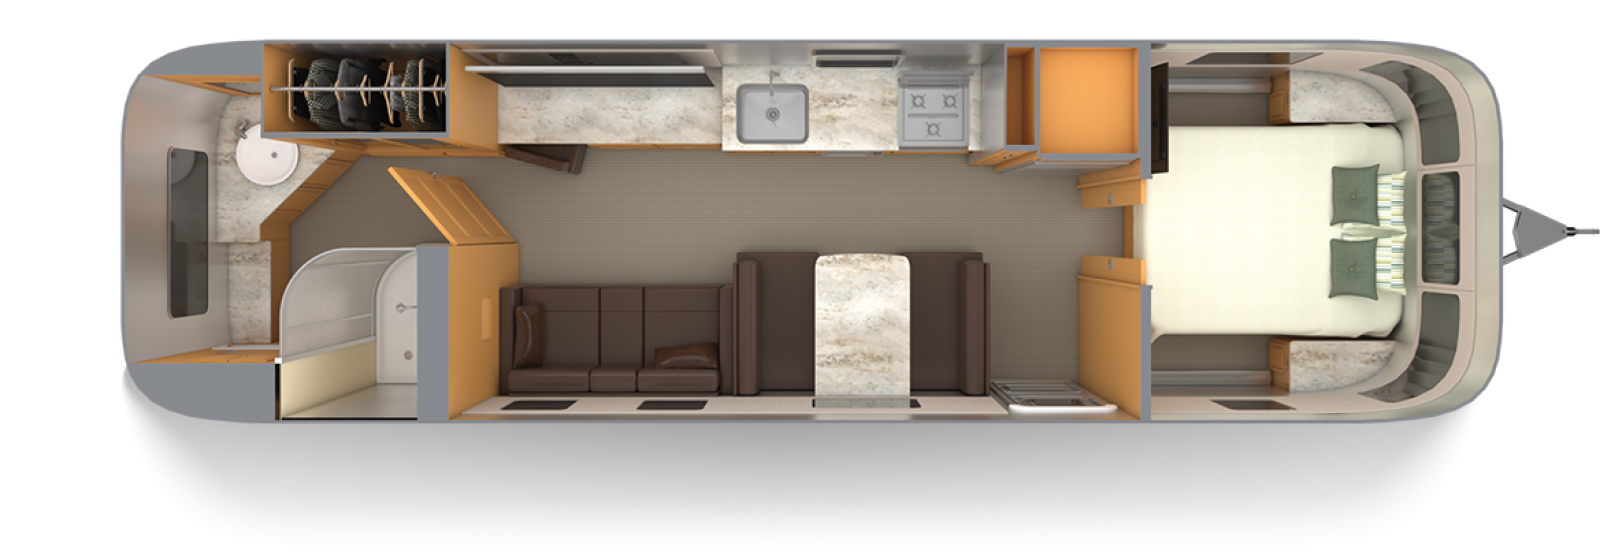 Airstream-Classic-33FB-Cognac-Maple-with-Chestnut-Floor-Plan